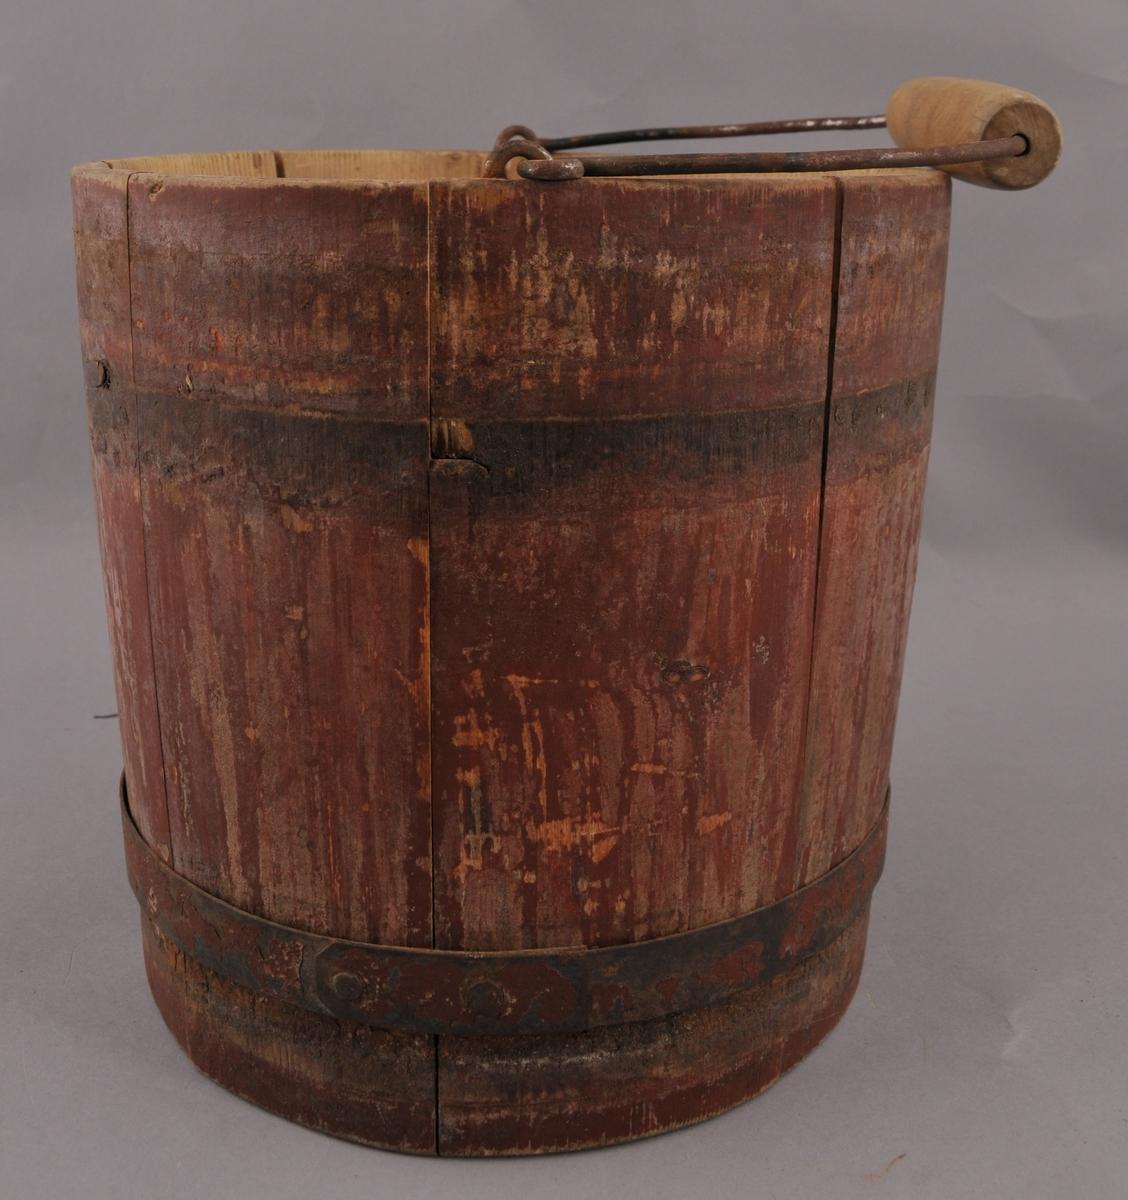 Lagga trebytte, sett saman av åtte stavar og to gjorder i jern. Handtaket er av jern med gripetak i tre, og det er fest til bytta med jernkrokar. Utvendig er bytta raudmåla.